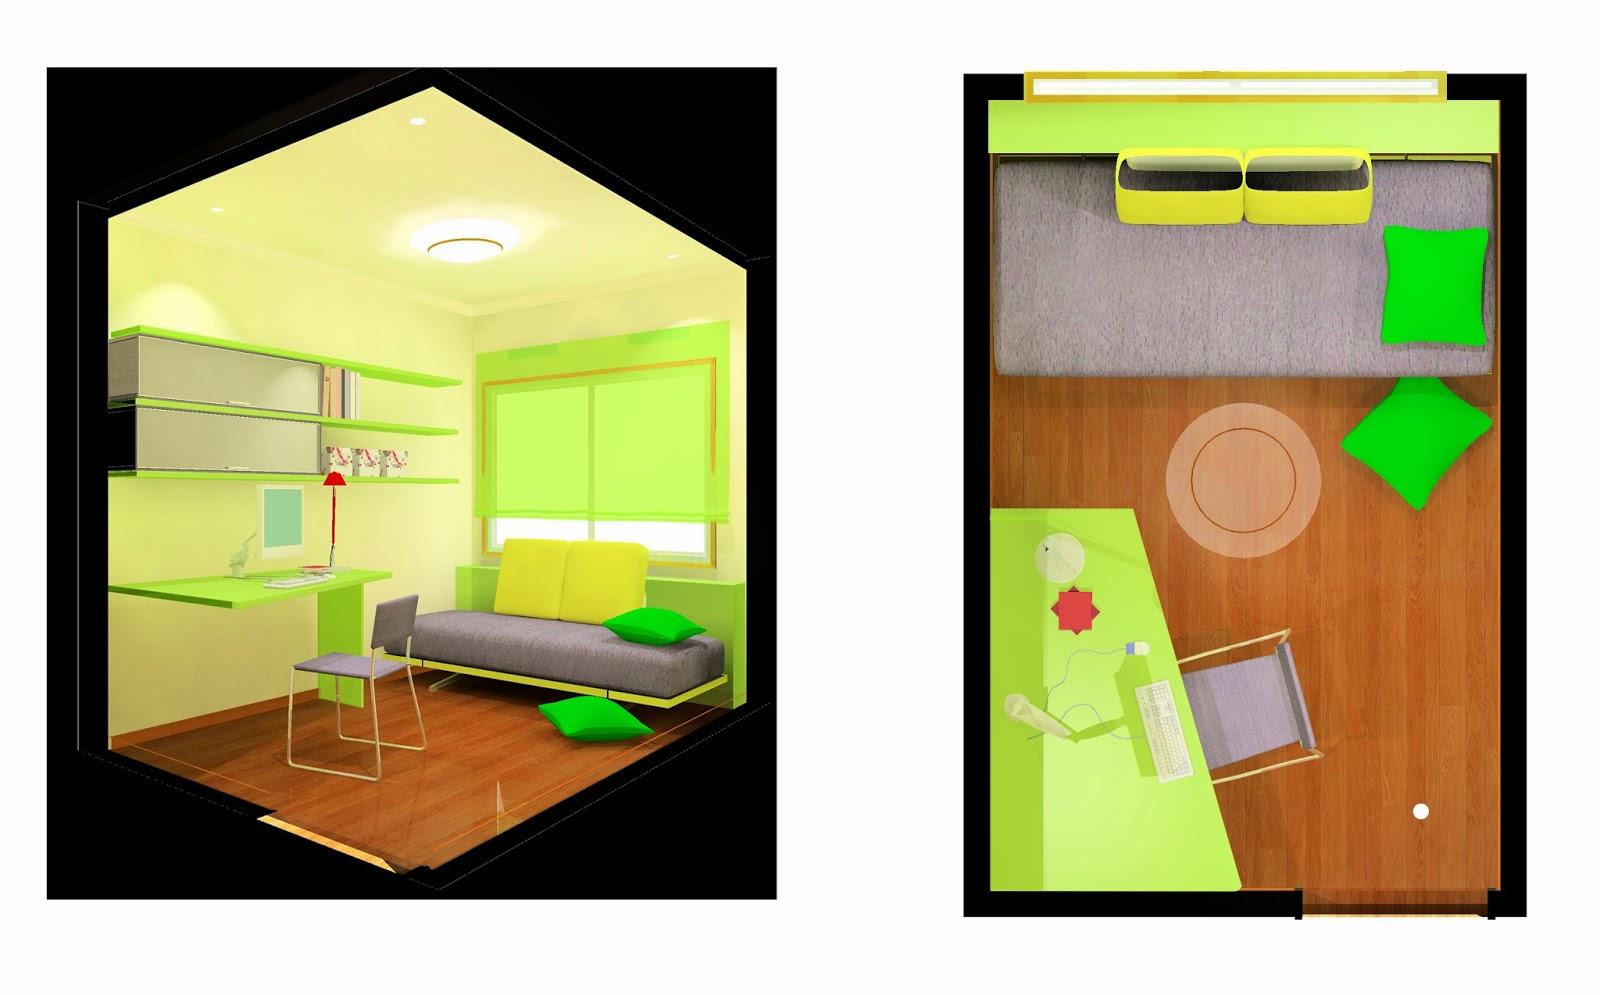 Projecte de dormitori juvenil per un pis a Barcelona.